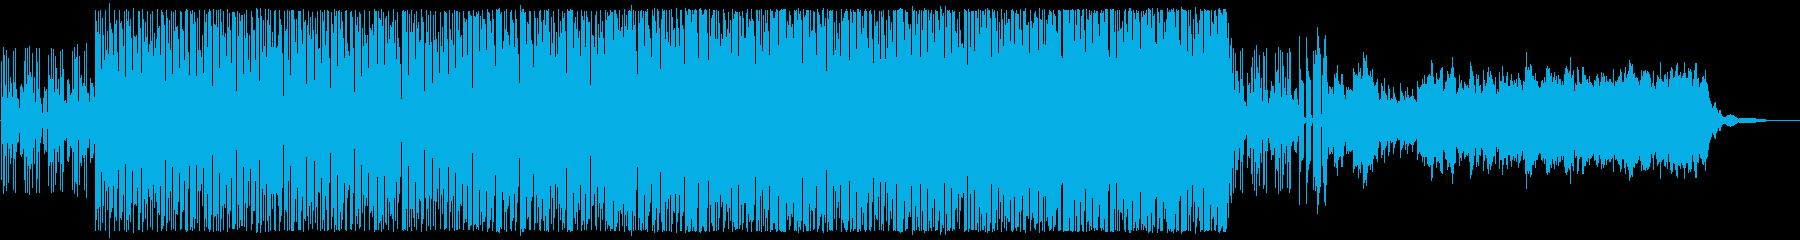 独特な疾走感がある曲。の再生済みの波形